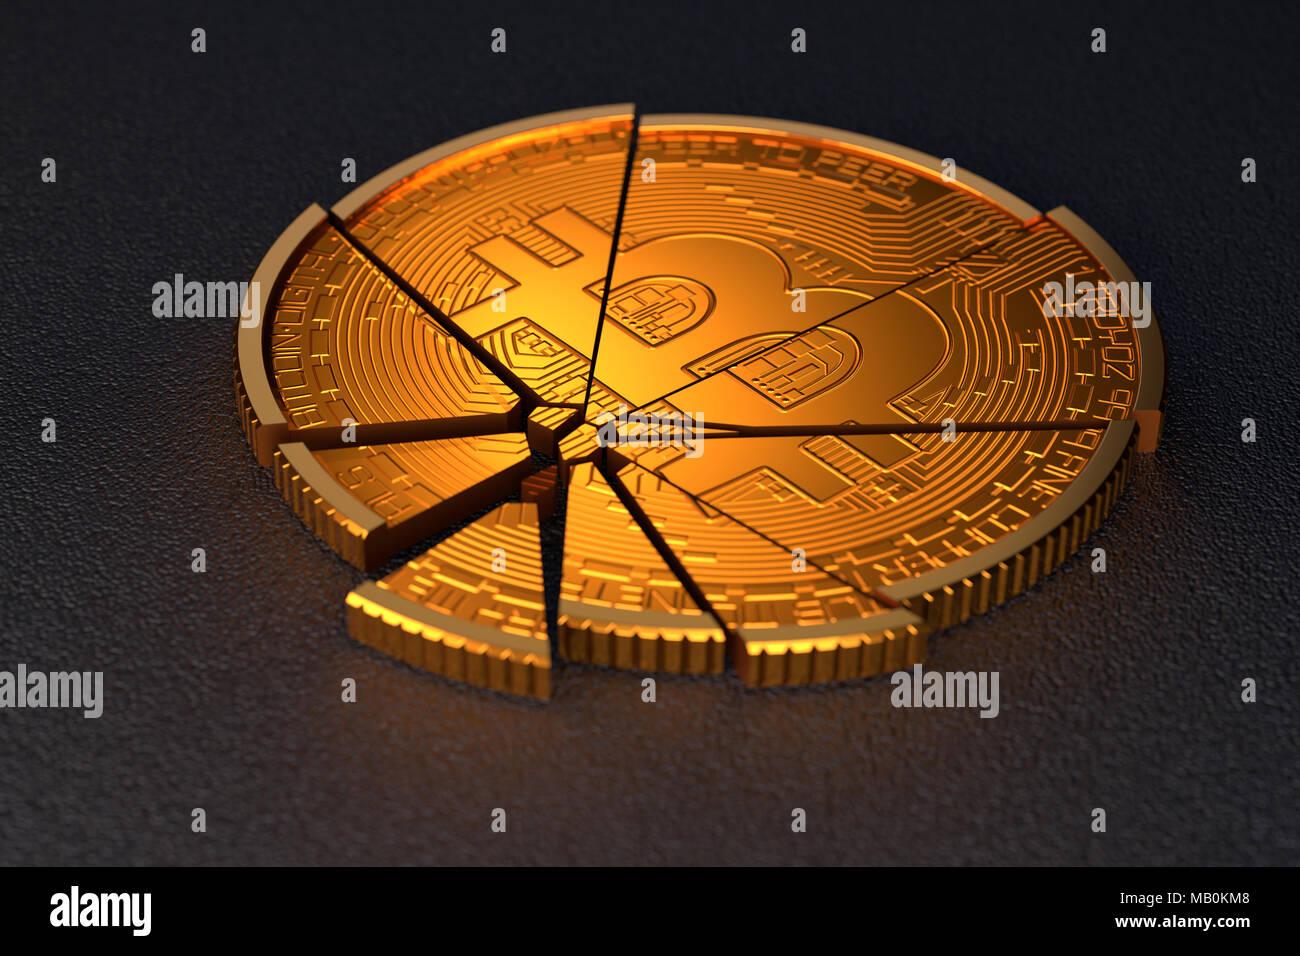 Bitcoin cassé sur fond sombre. Concept illustre crash, bitcoin bitcoin bulle a éclaté, l'effondrement du marché ou cryptocurrency Photo Stock